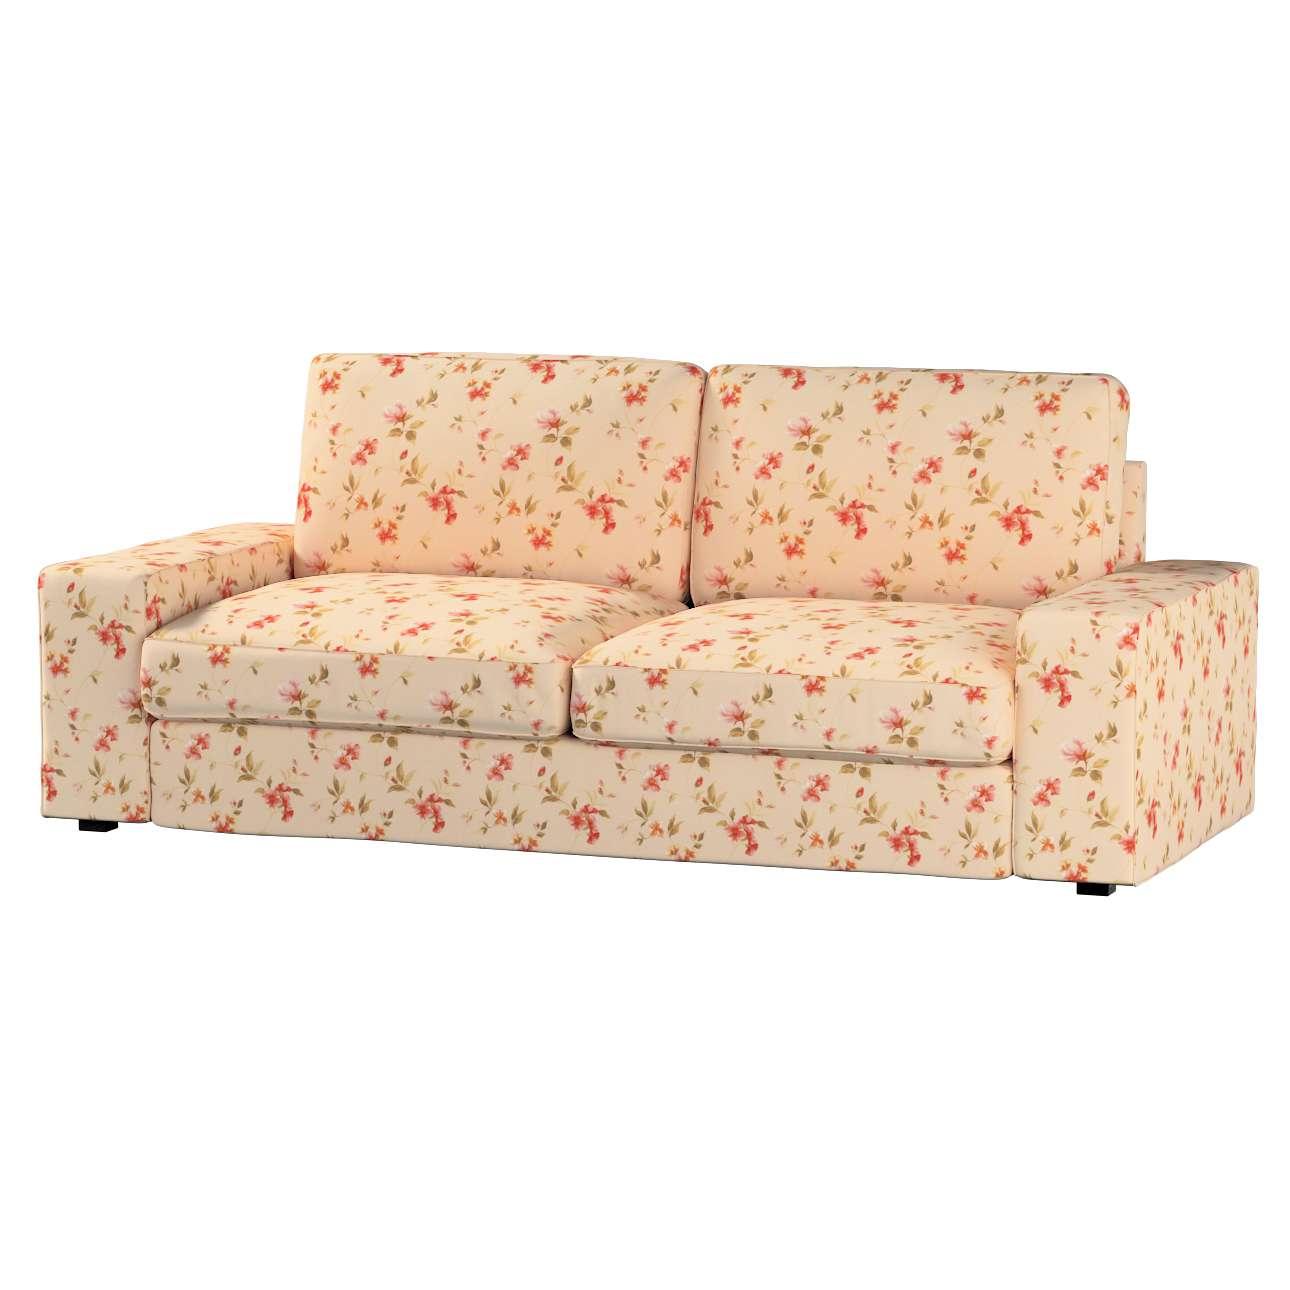 KIVIK trivietės sofos užvalkalas Kivik 3-seat sofa kolekcijoje Londres, audinys: 124-05